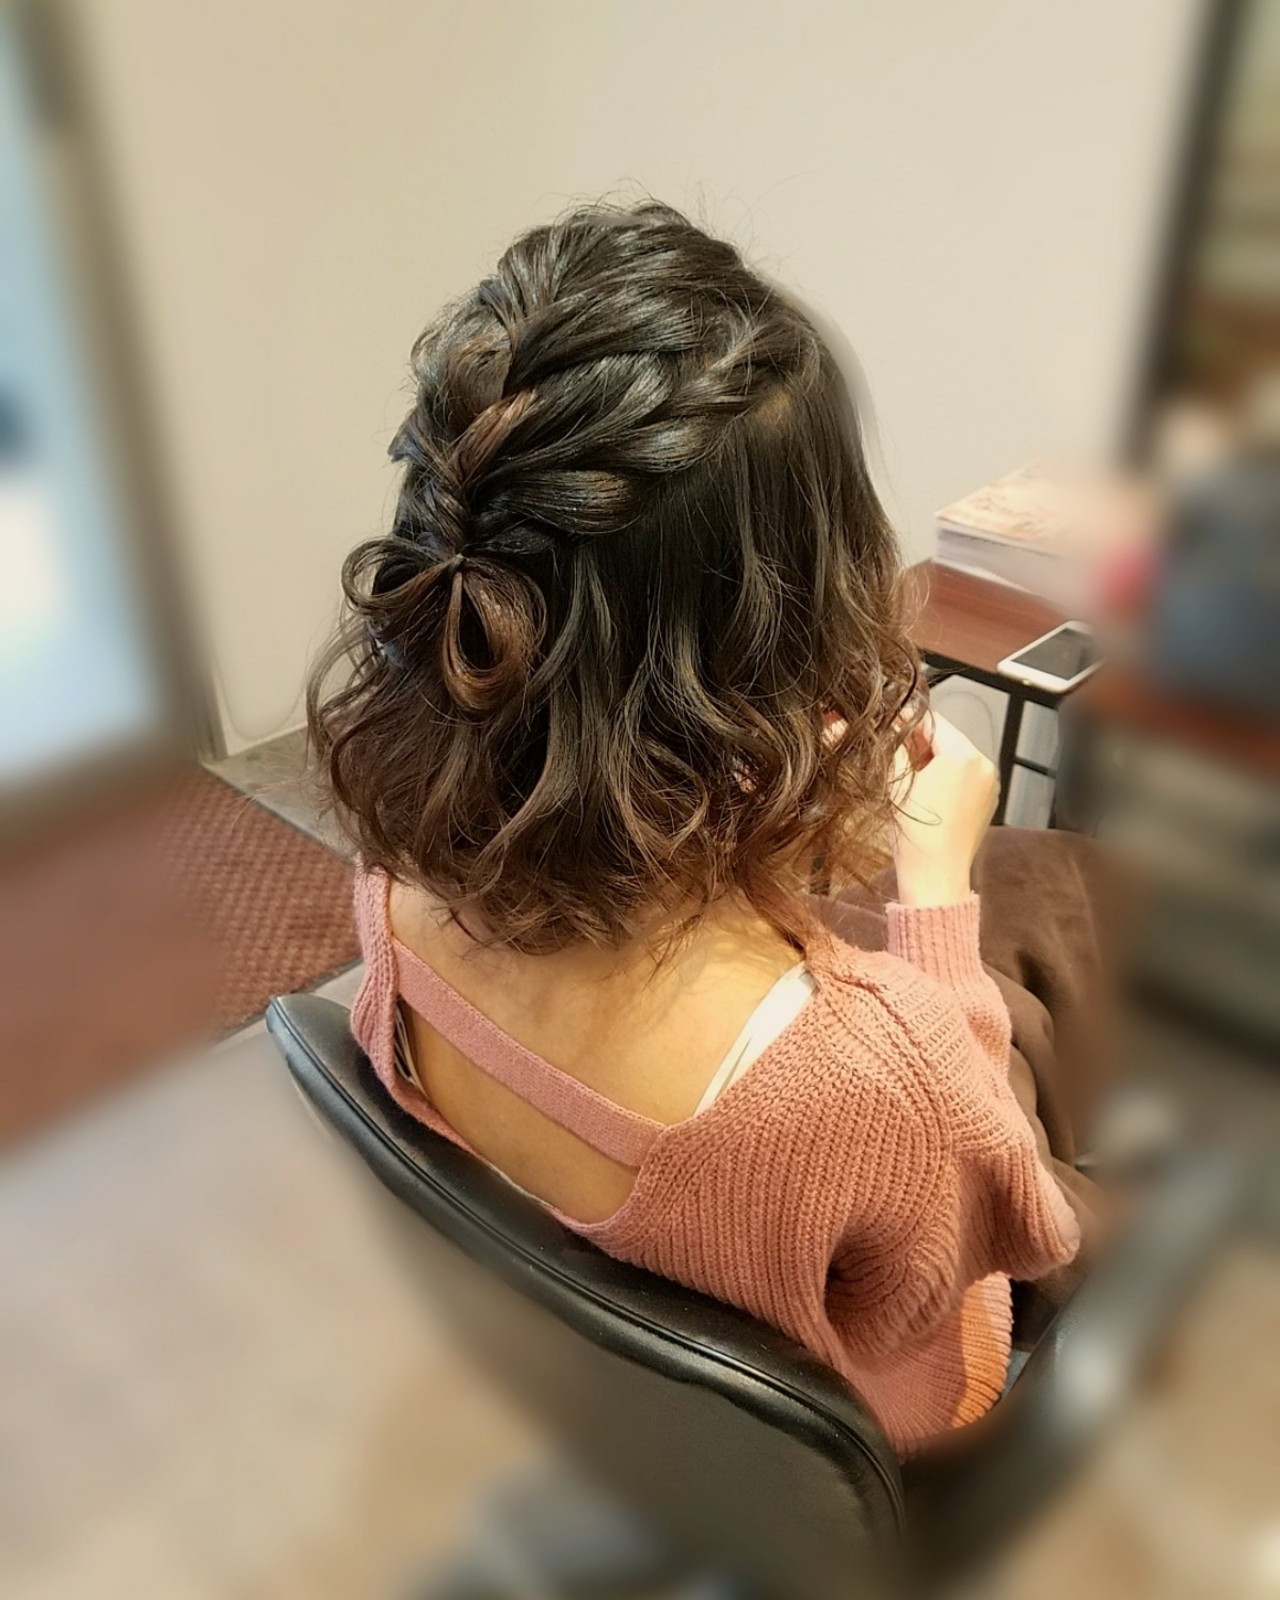 ヘアアレンジ ハーフアップ フェミニン ガーリー ヘアスタイルや髪型の写真・画像